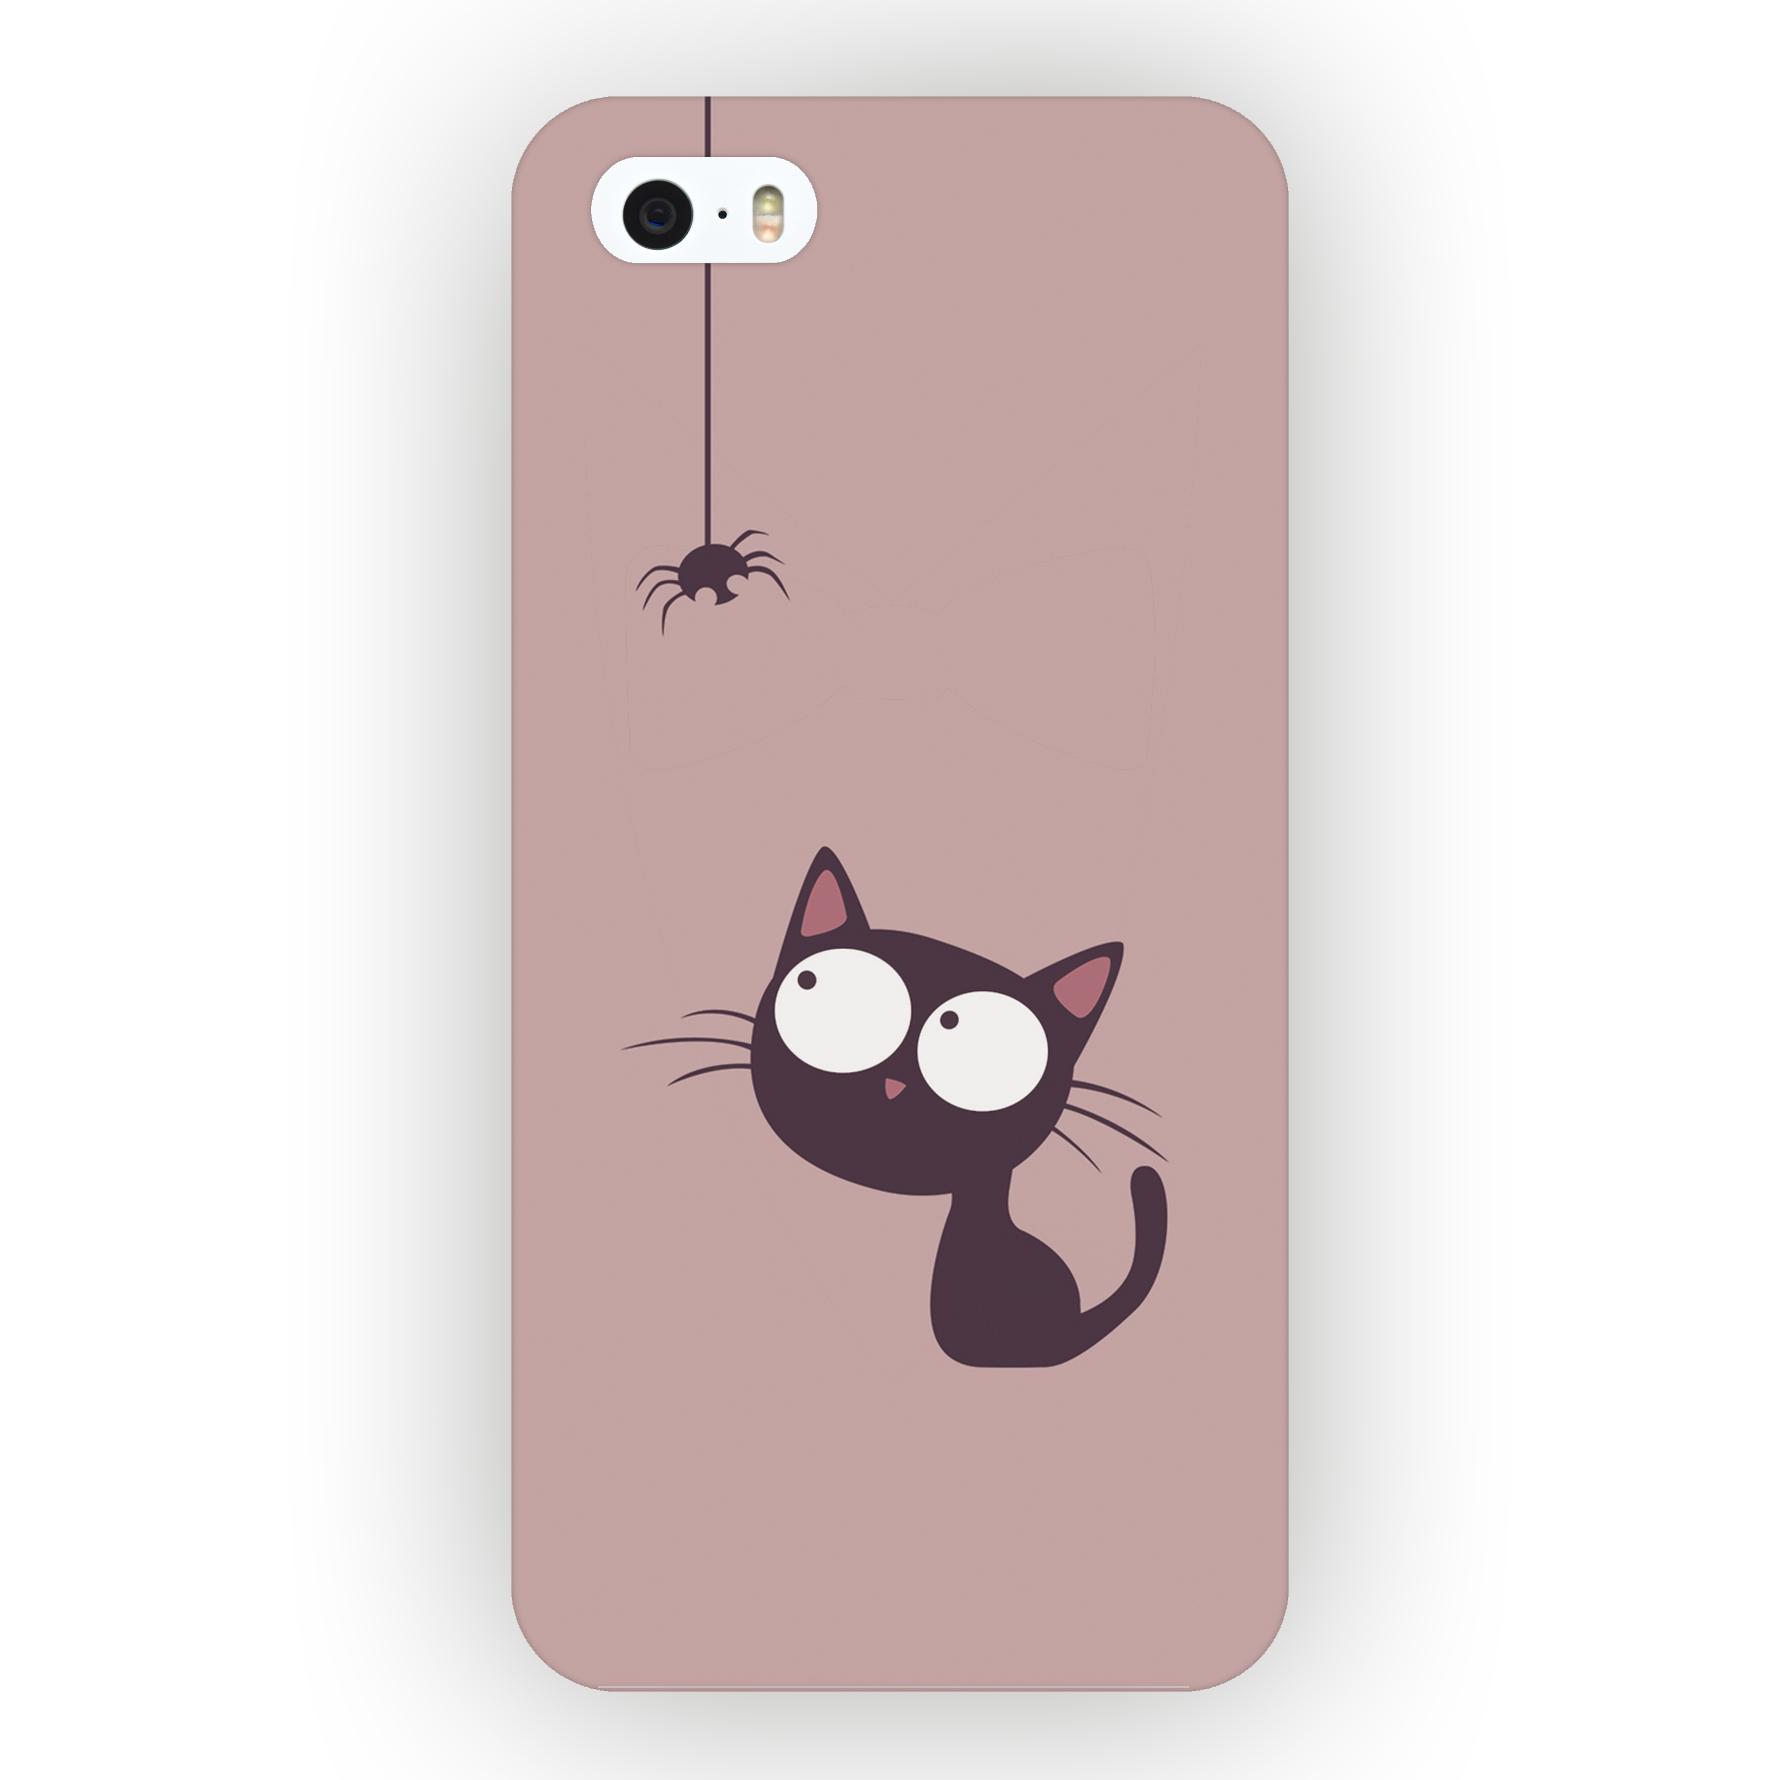 больших картинки на чехол для телефона нарисовать красивые рисунки котики довольно увесистый